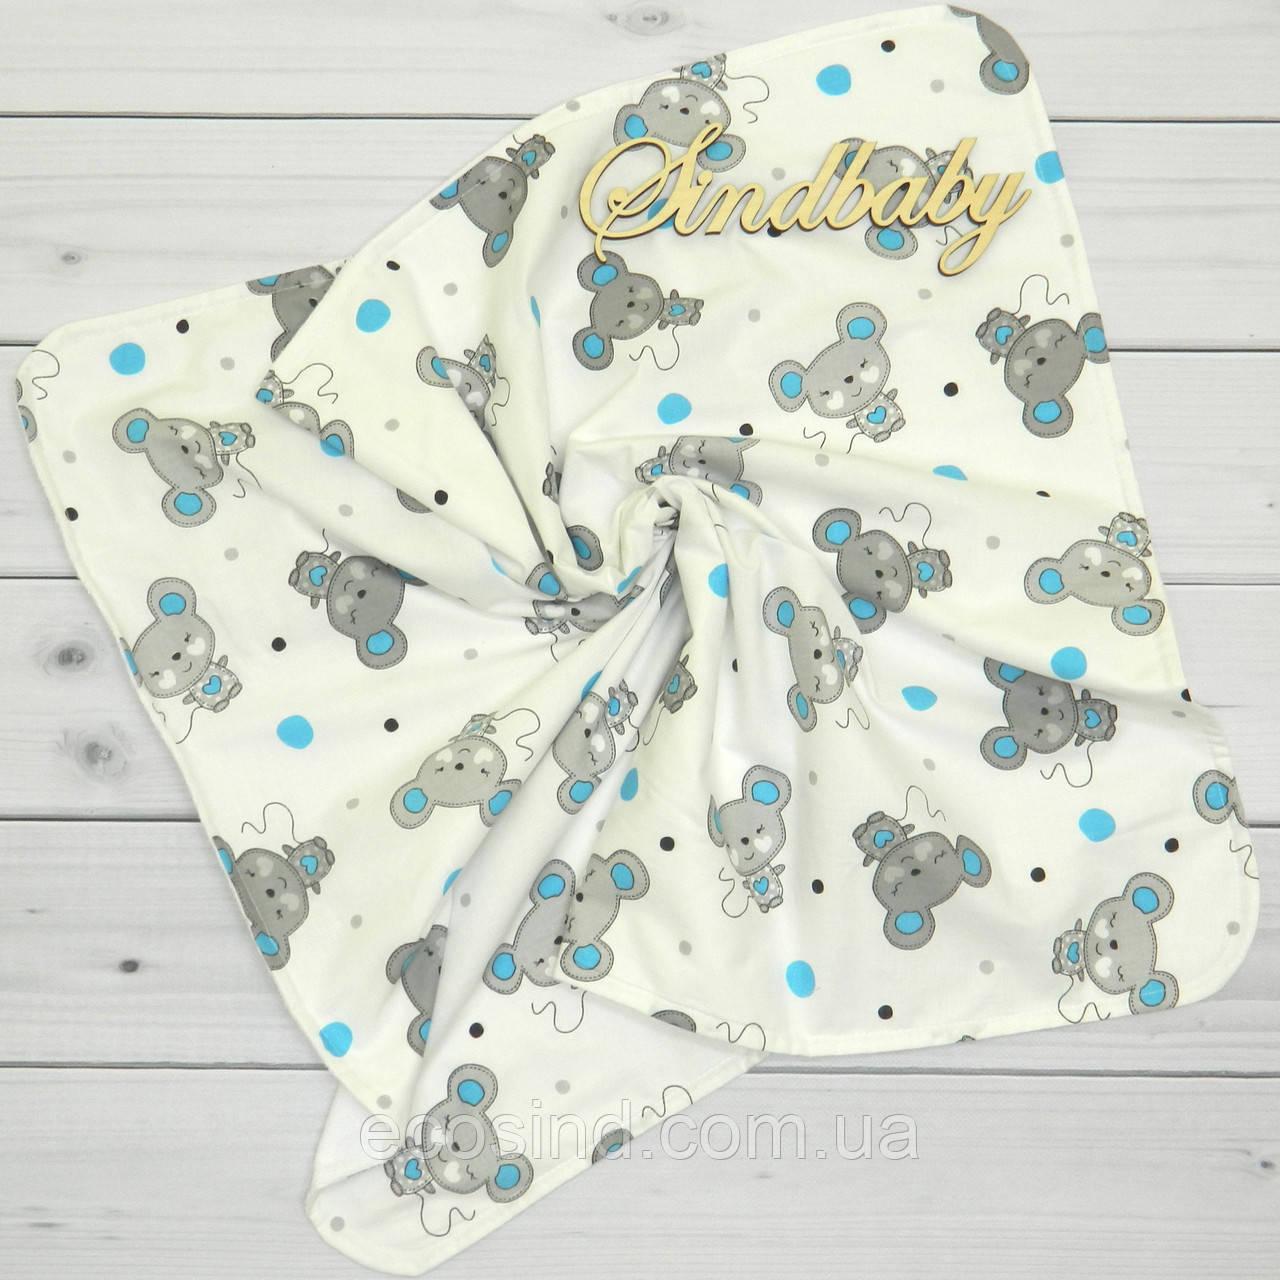 Непромокаемые пеленки для новорожденных -01 - SiND - детский текстиль  Sindbaby в Одессе df3abc72745